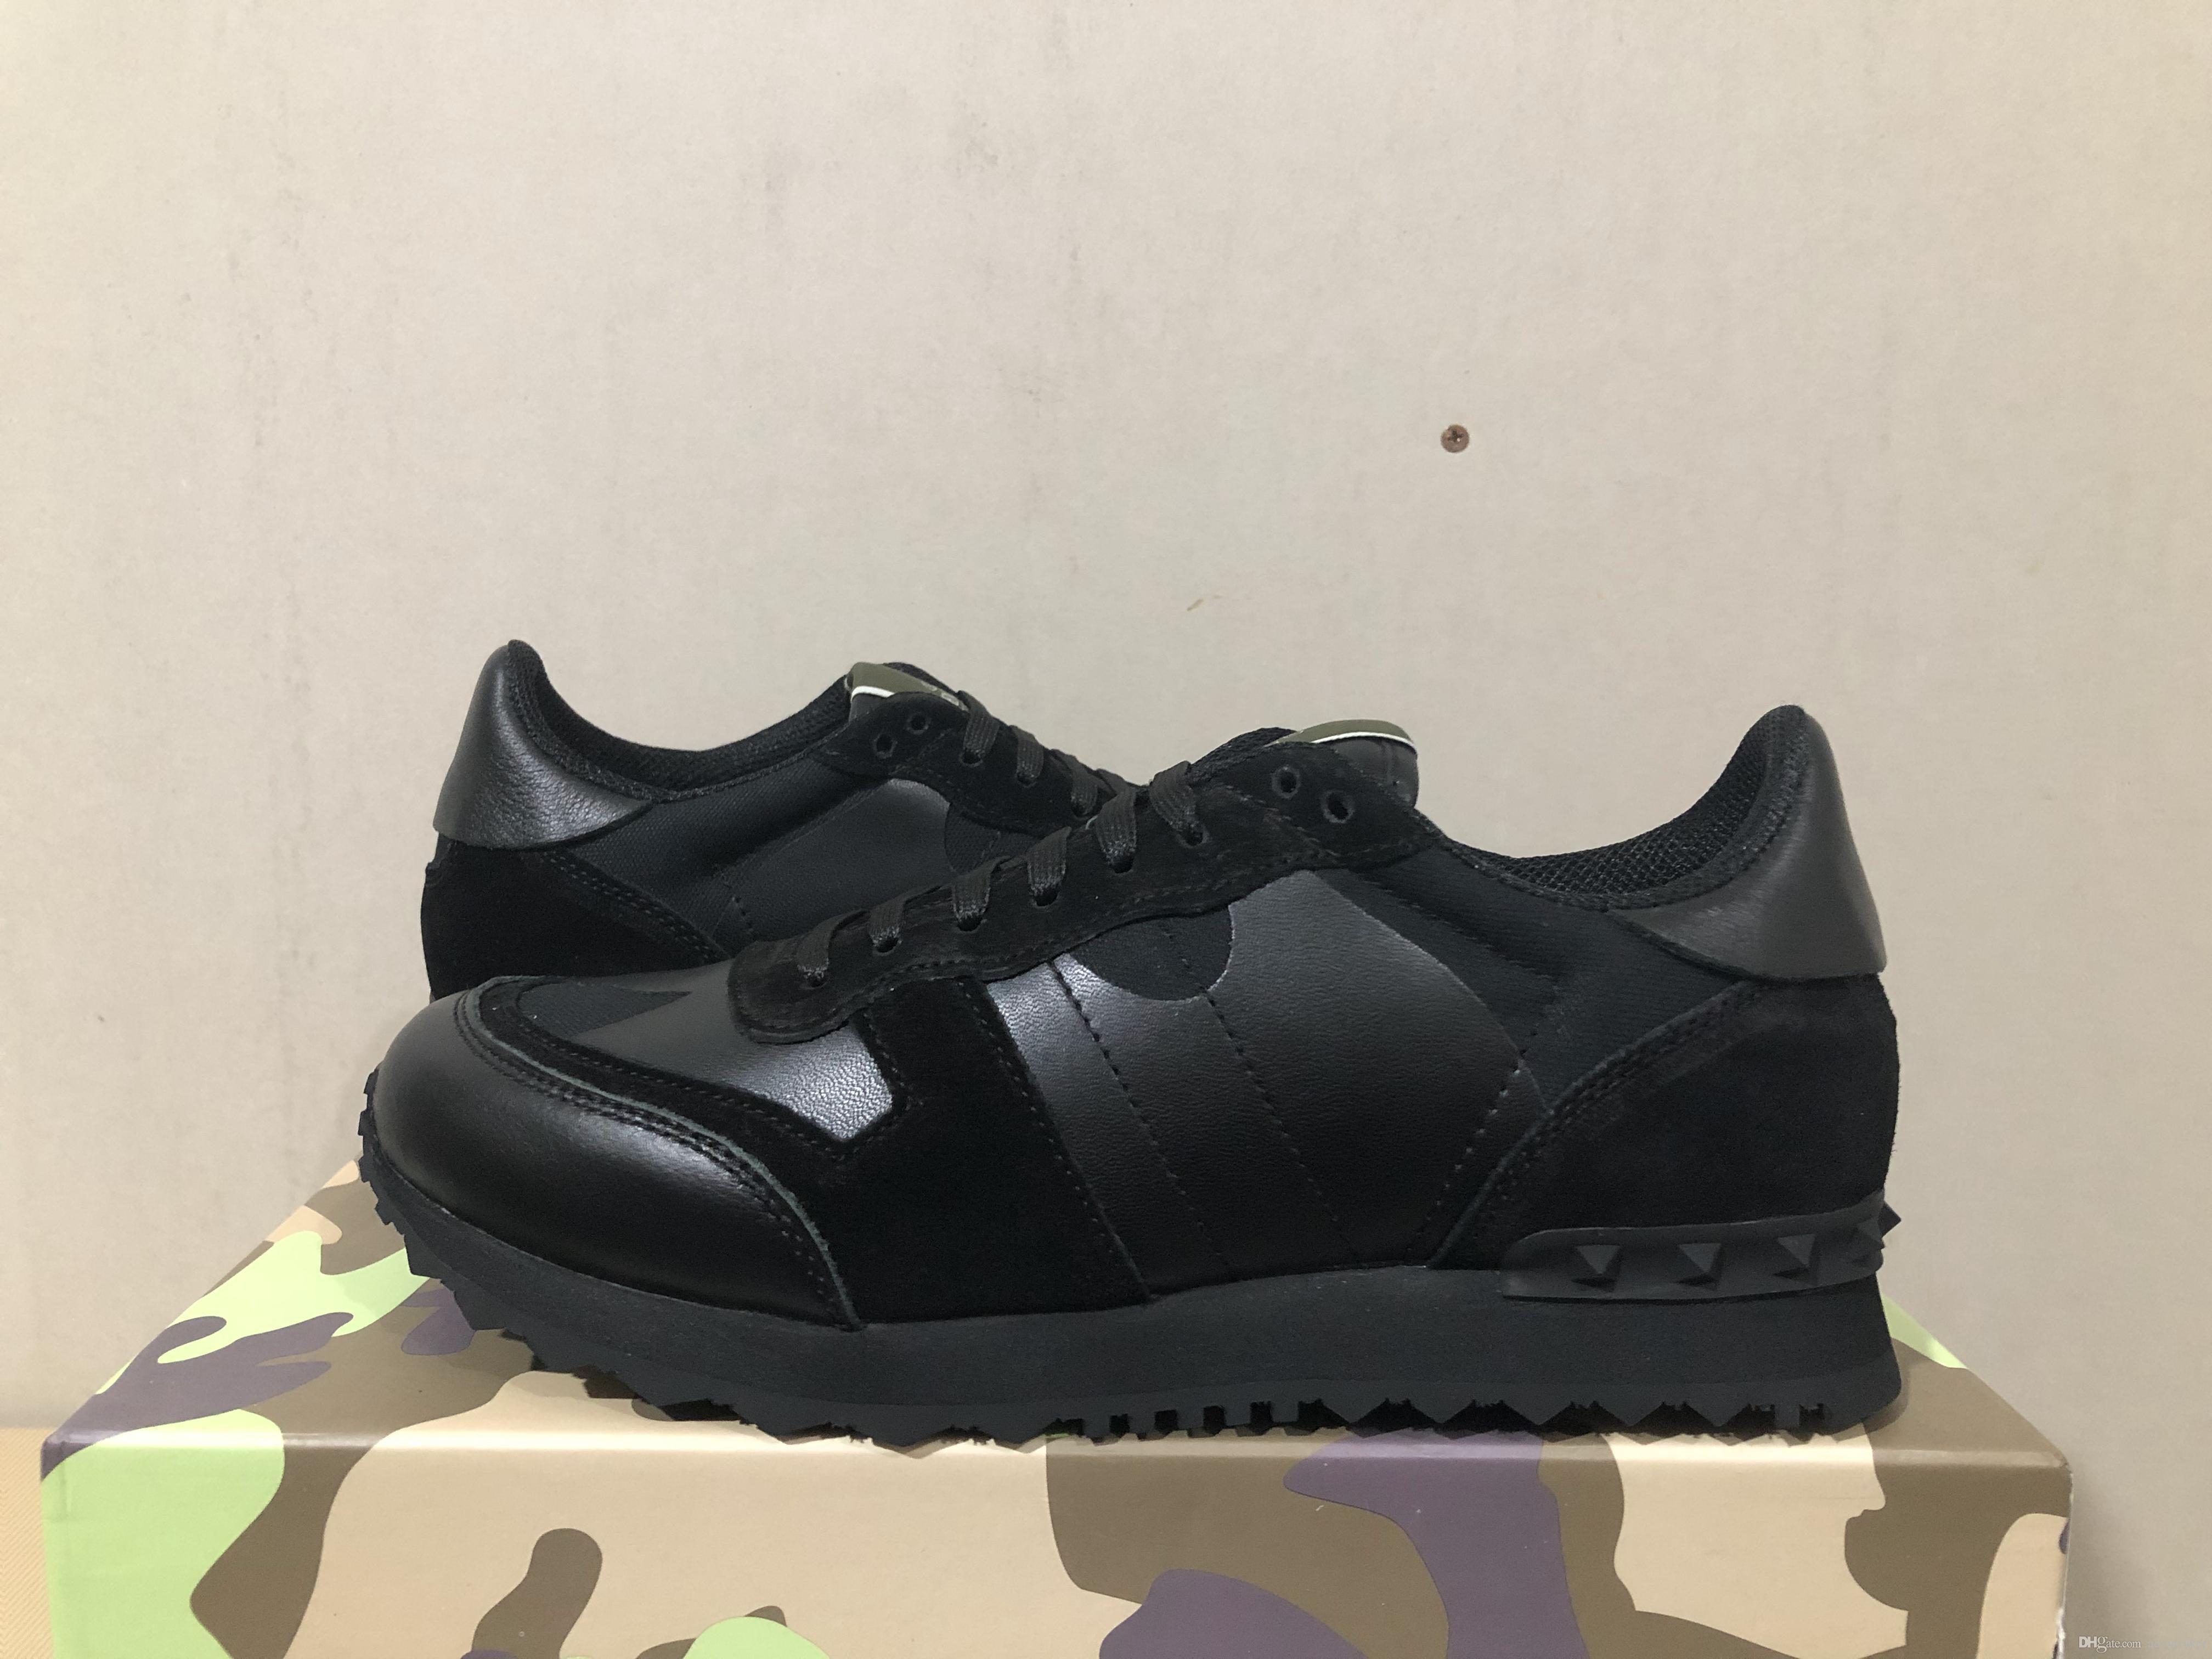 Nuevos zapatos de moda del perno prisionero del camuflaje de las zapatillas de deporte Calzado planos de los hombres Entrenadores de lujo de diseño de los zapatos ocasionales arrivied con la caja original